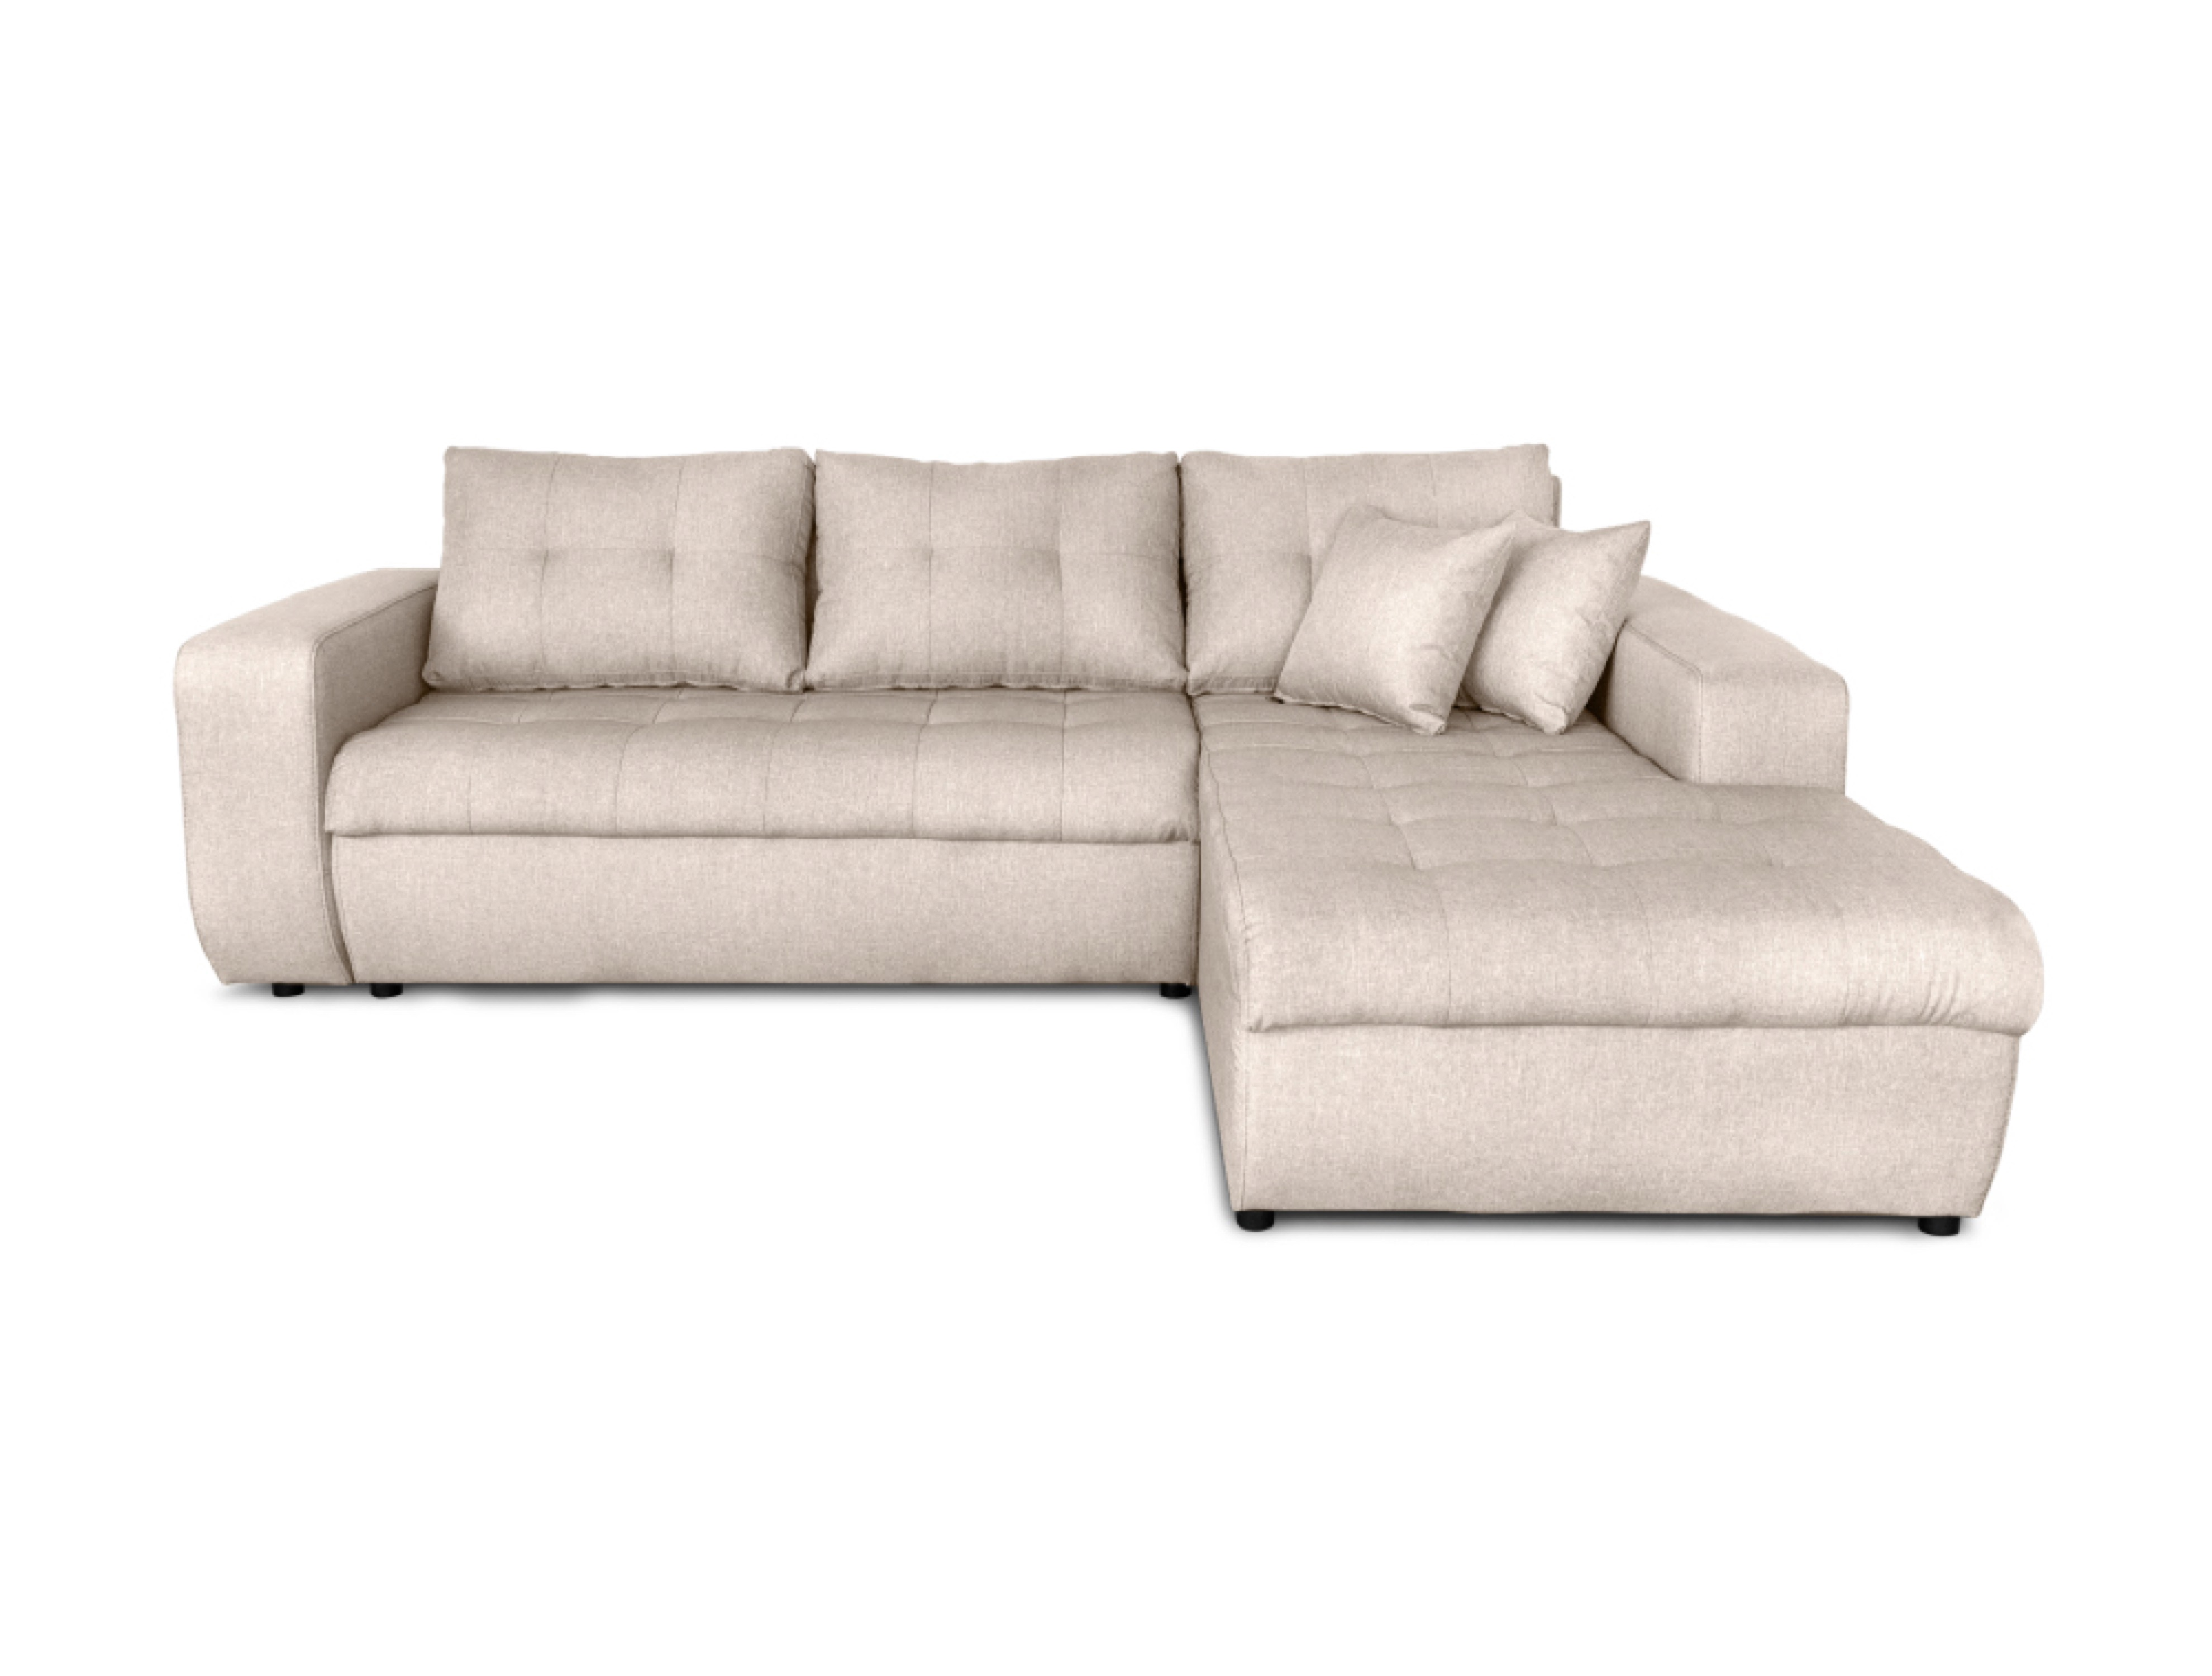 Canapé d'angle droit convertible 4 places en tissu beige